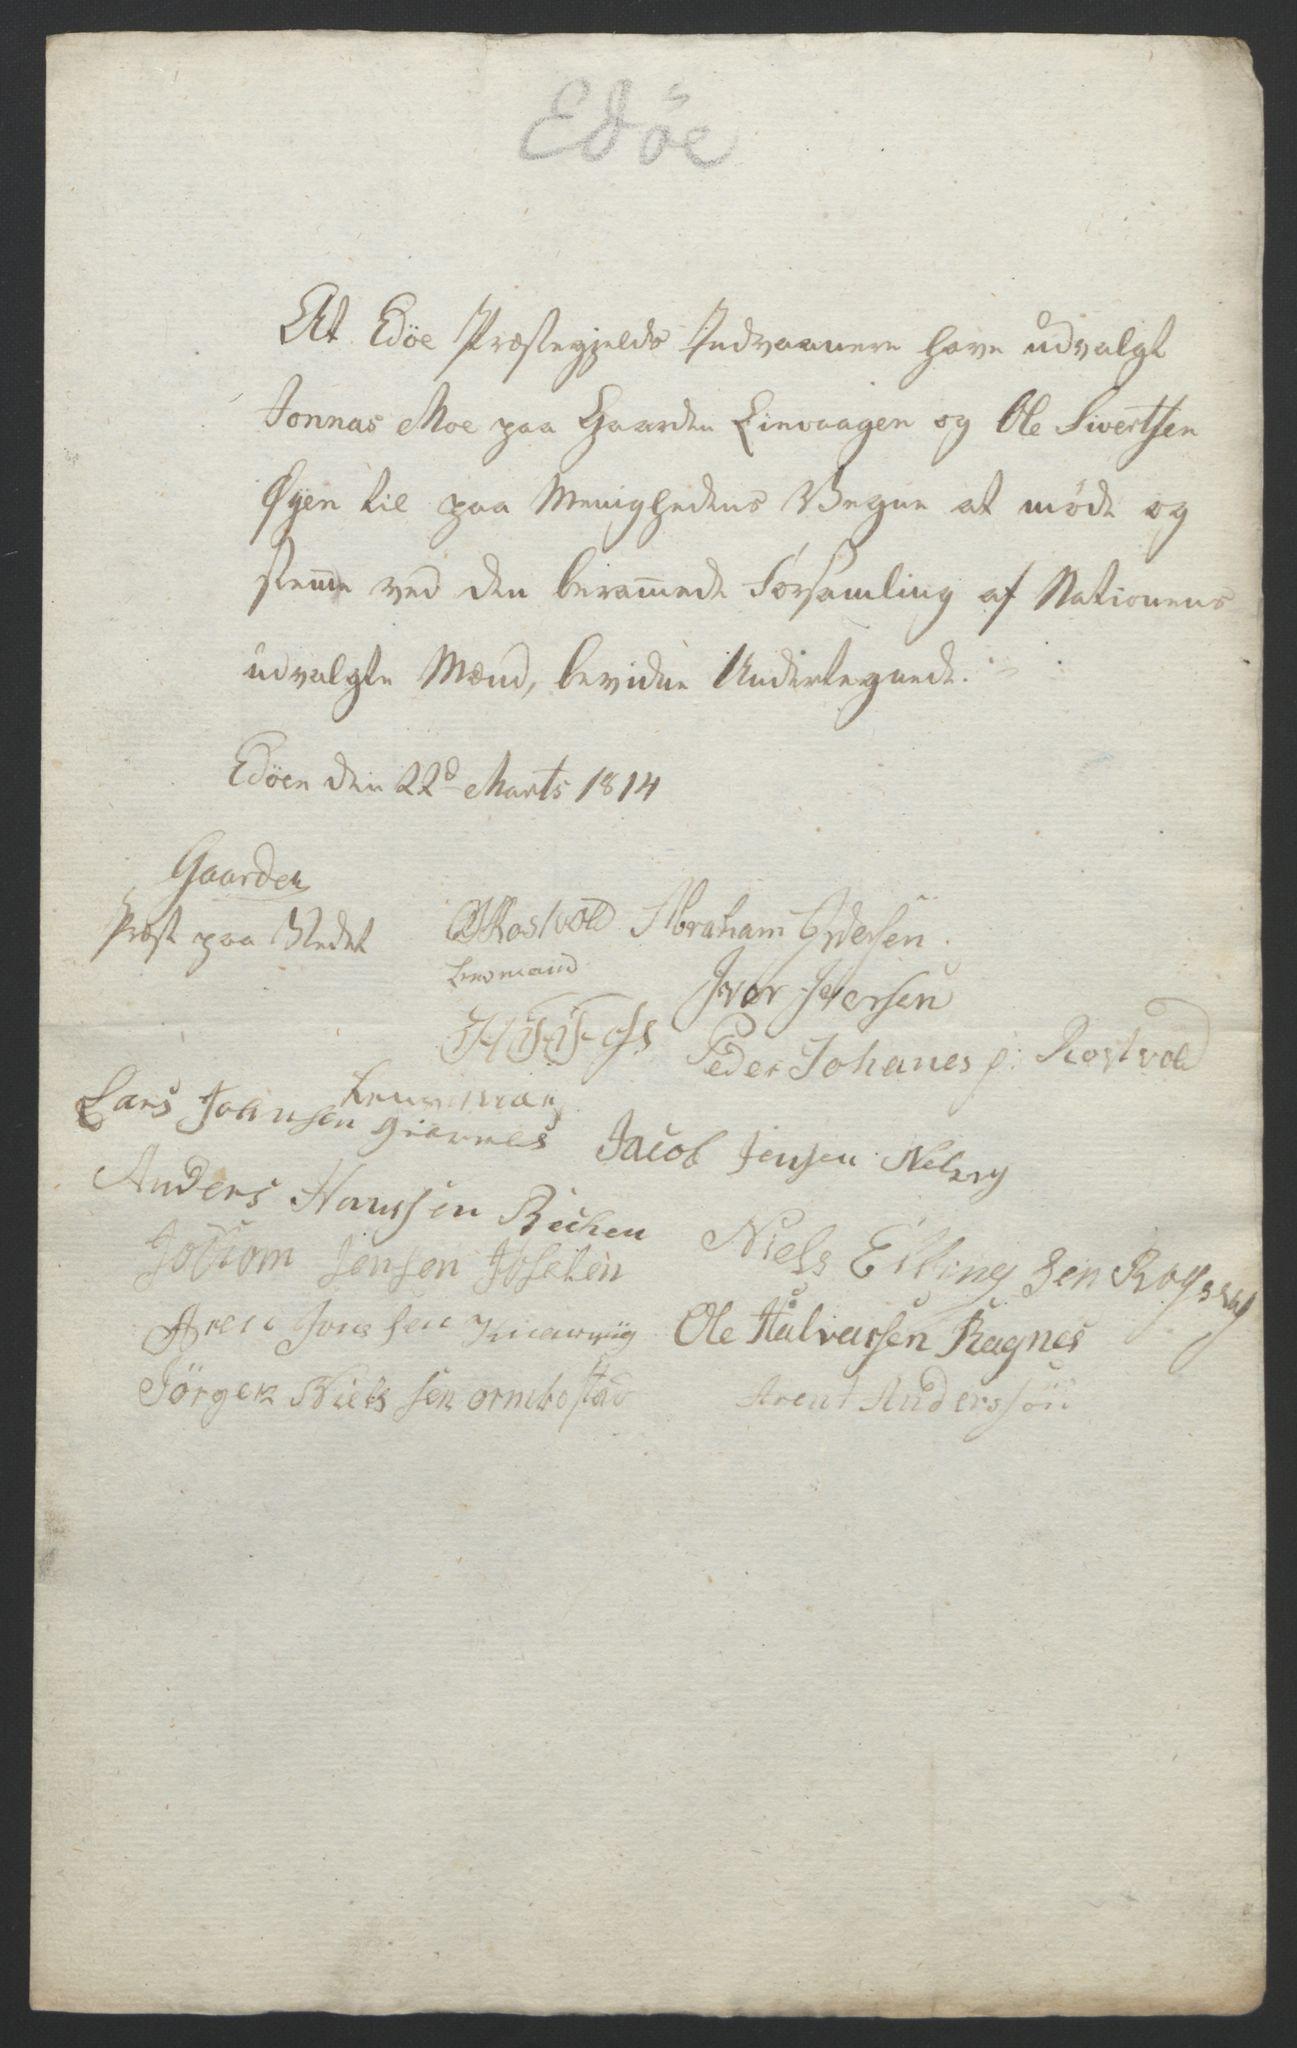 RA, Statsrådssekretariatet, D/Db/L0008: Fullmakter for Eidsvollsrepresentantene i 1814. , 1814, s. 368